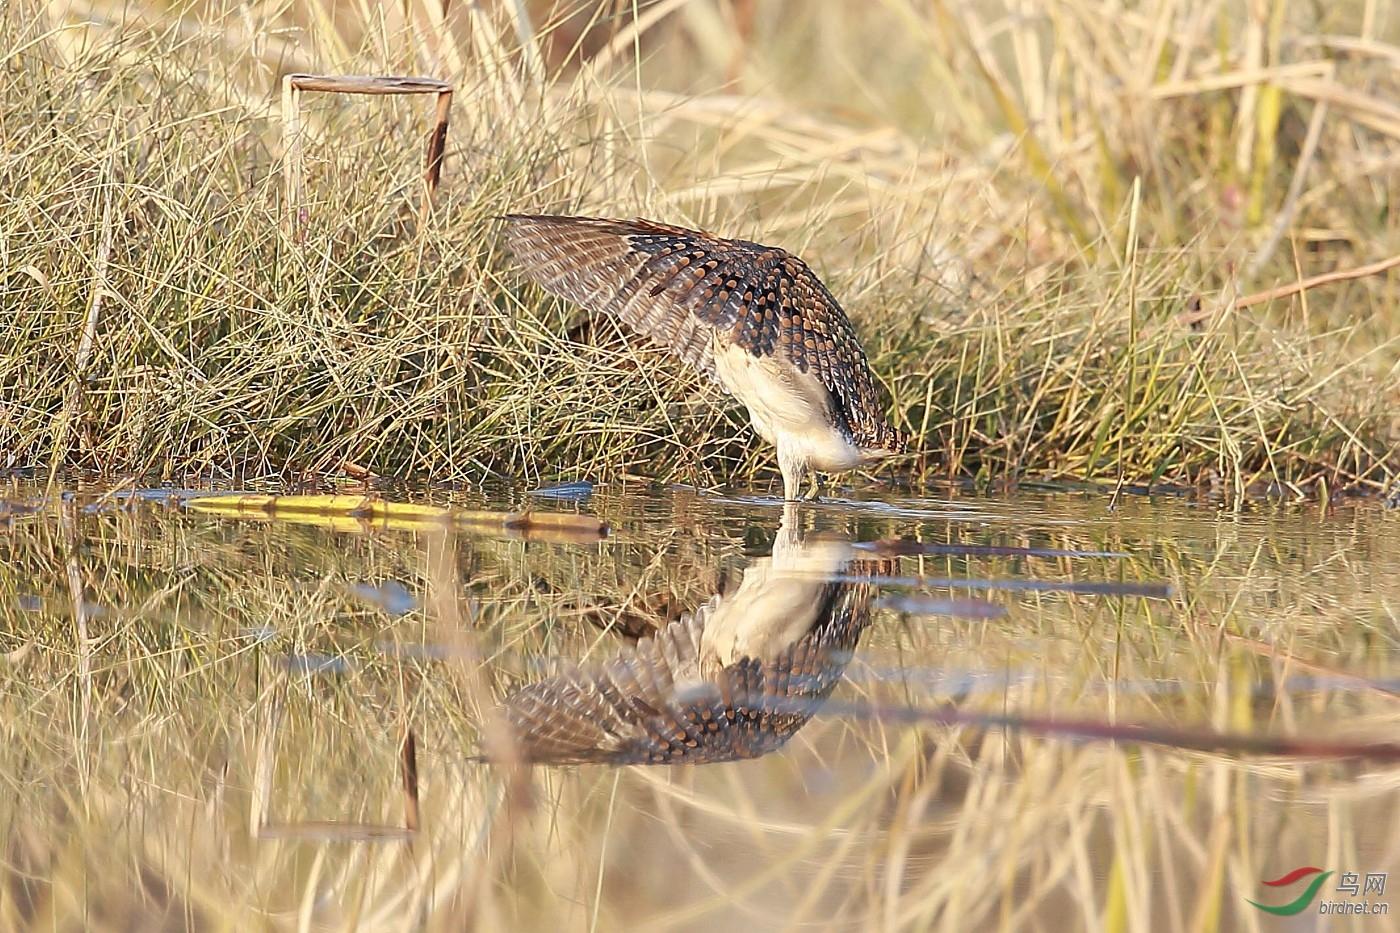 龙虾蛇蒿糊